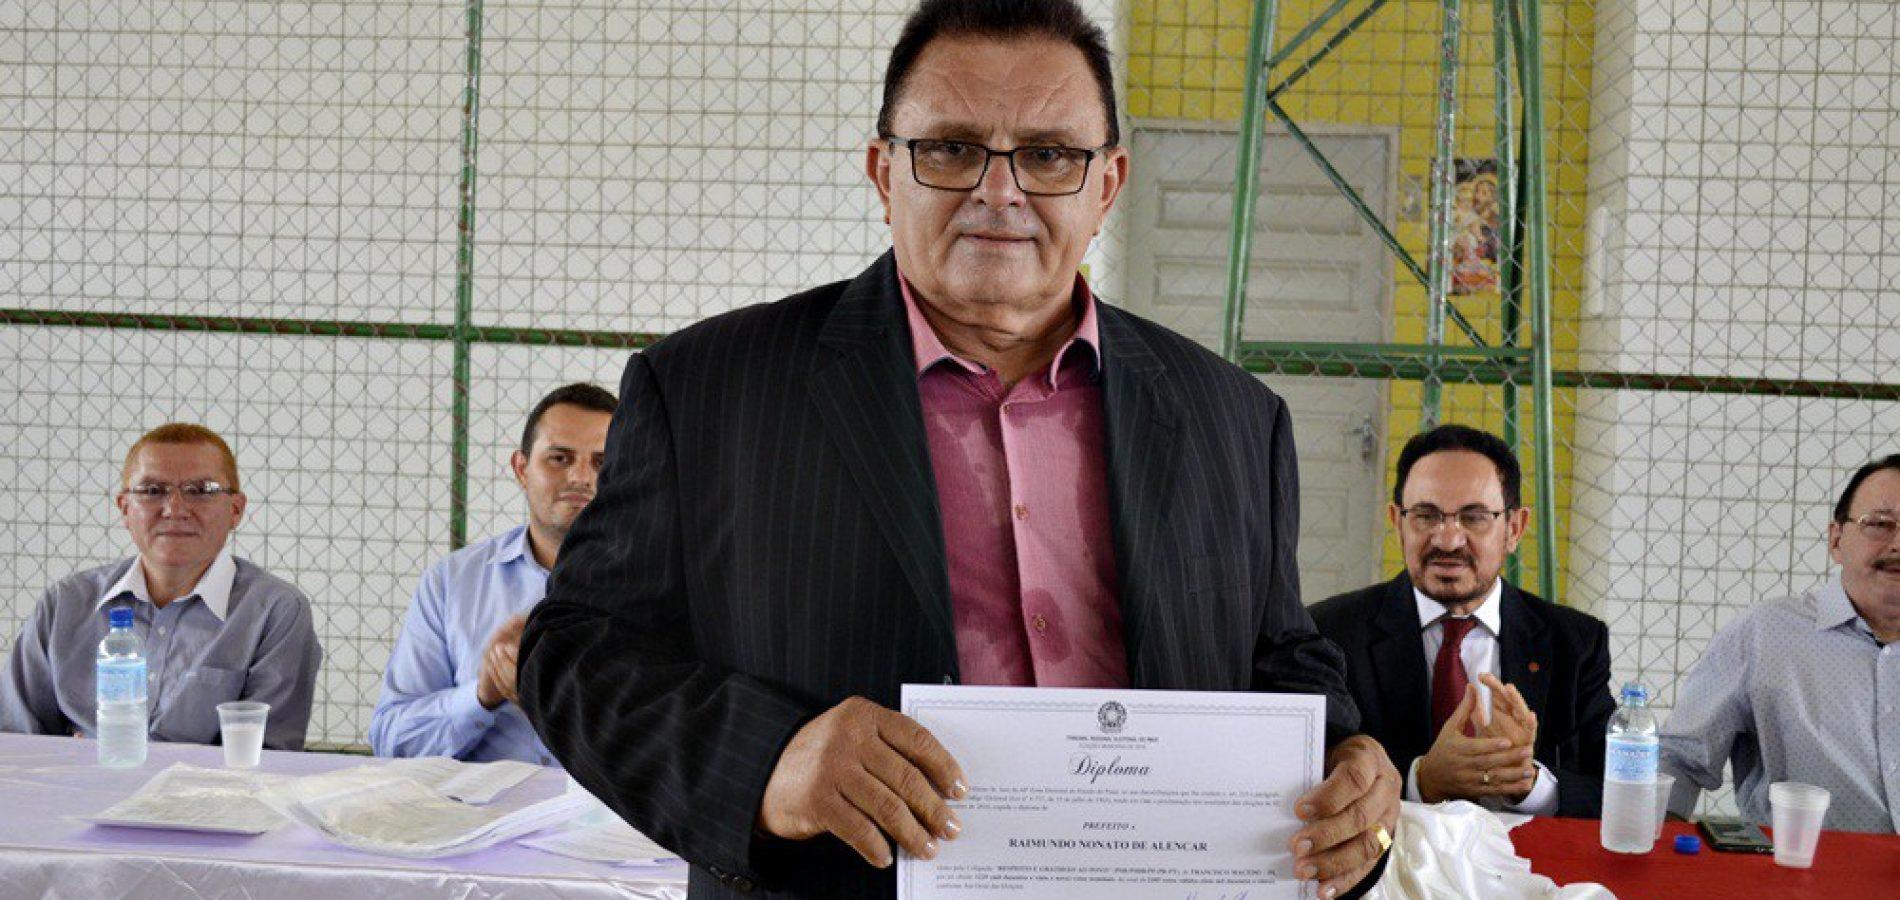 Prefeito eleito em Francisco Macedo divulga programação de posse; confira